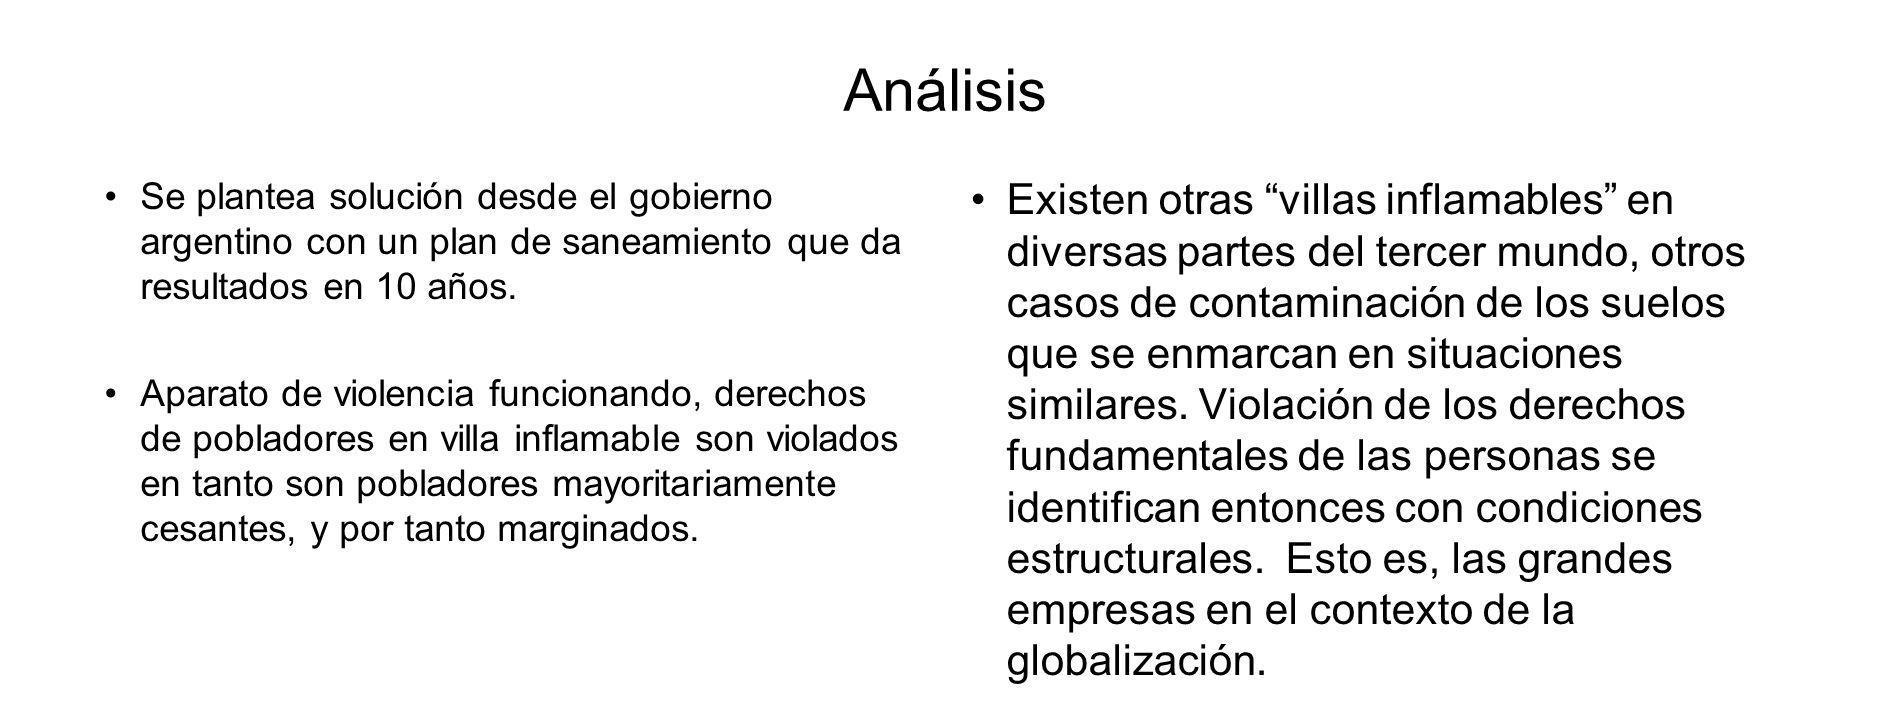 Análisis Se plantea solución desde el gobierno argentino con un plan de saneamiento que da resultados en 10 años.